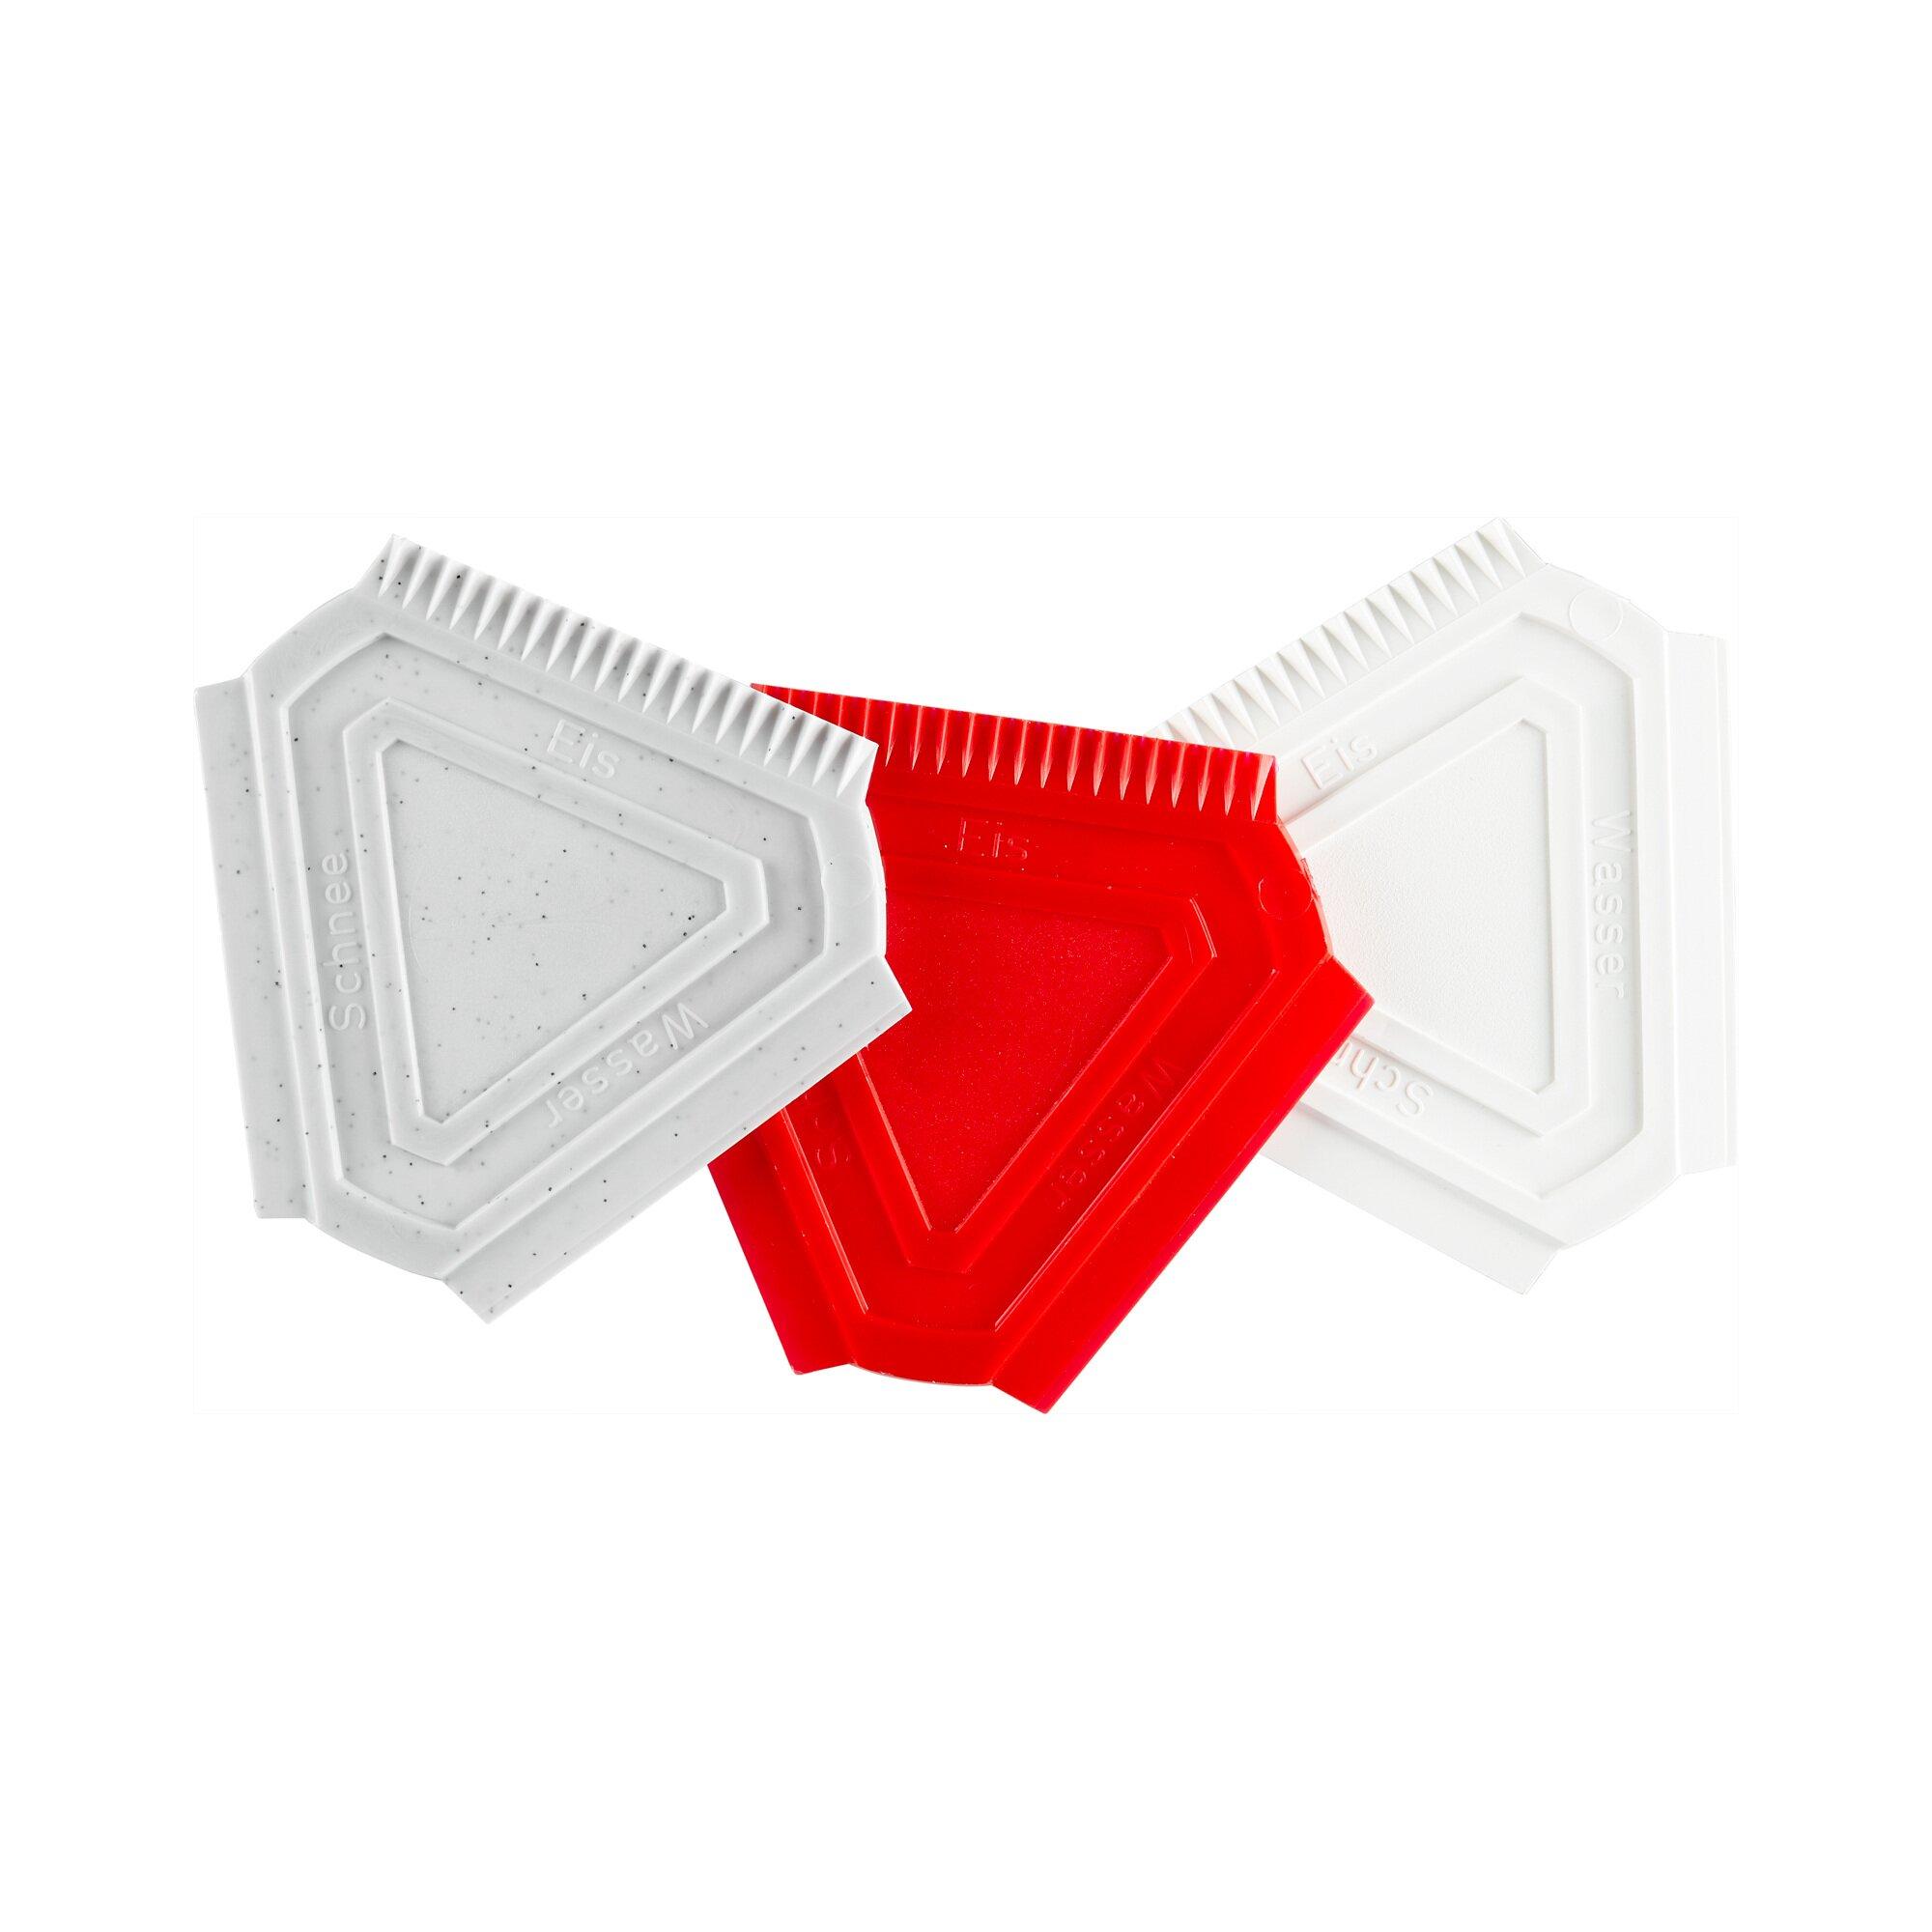 Image of Eiskratzer-Set, 3 Stück